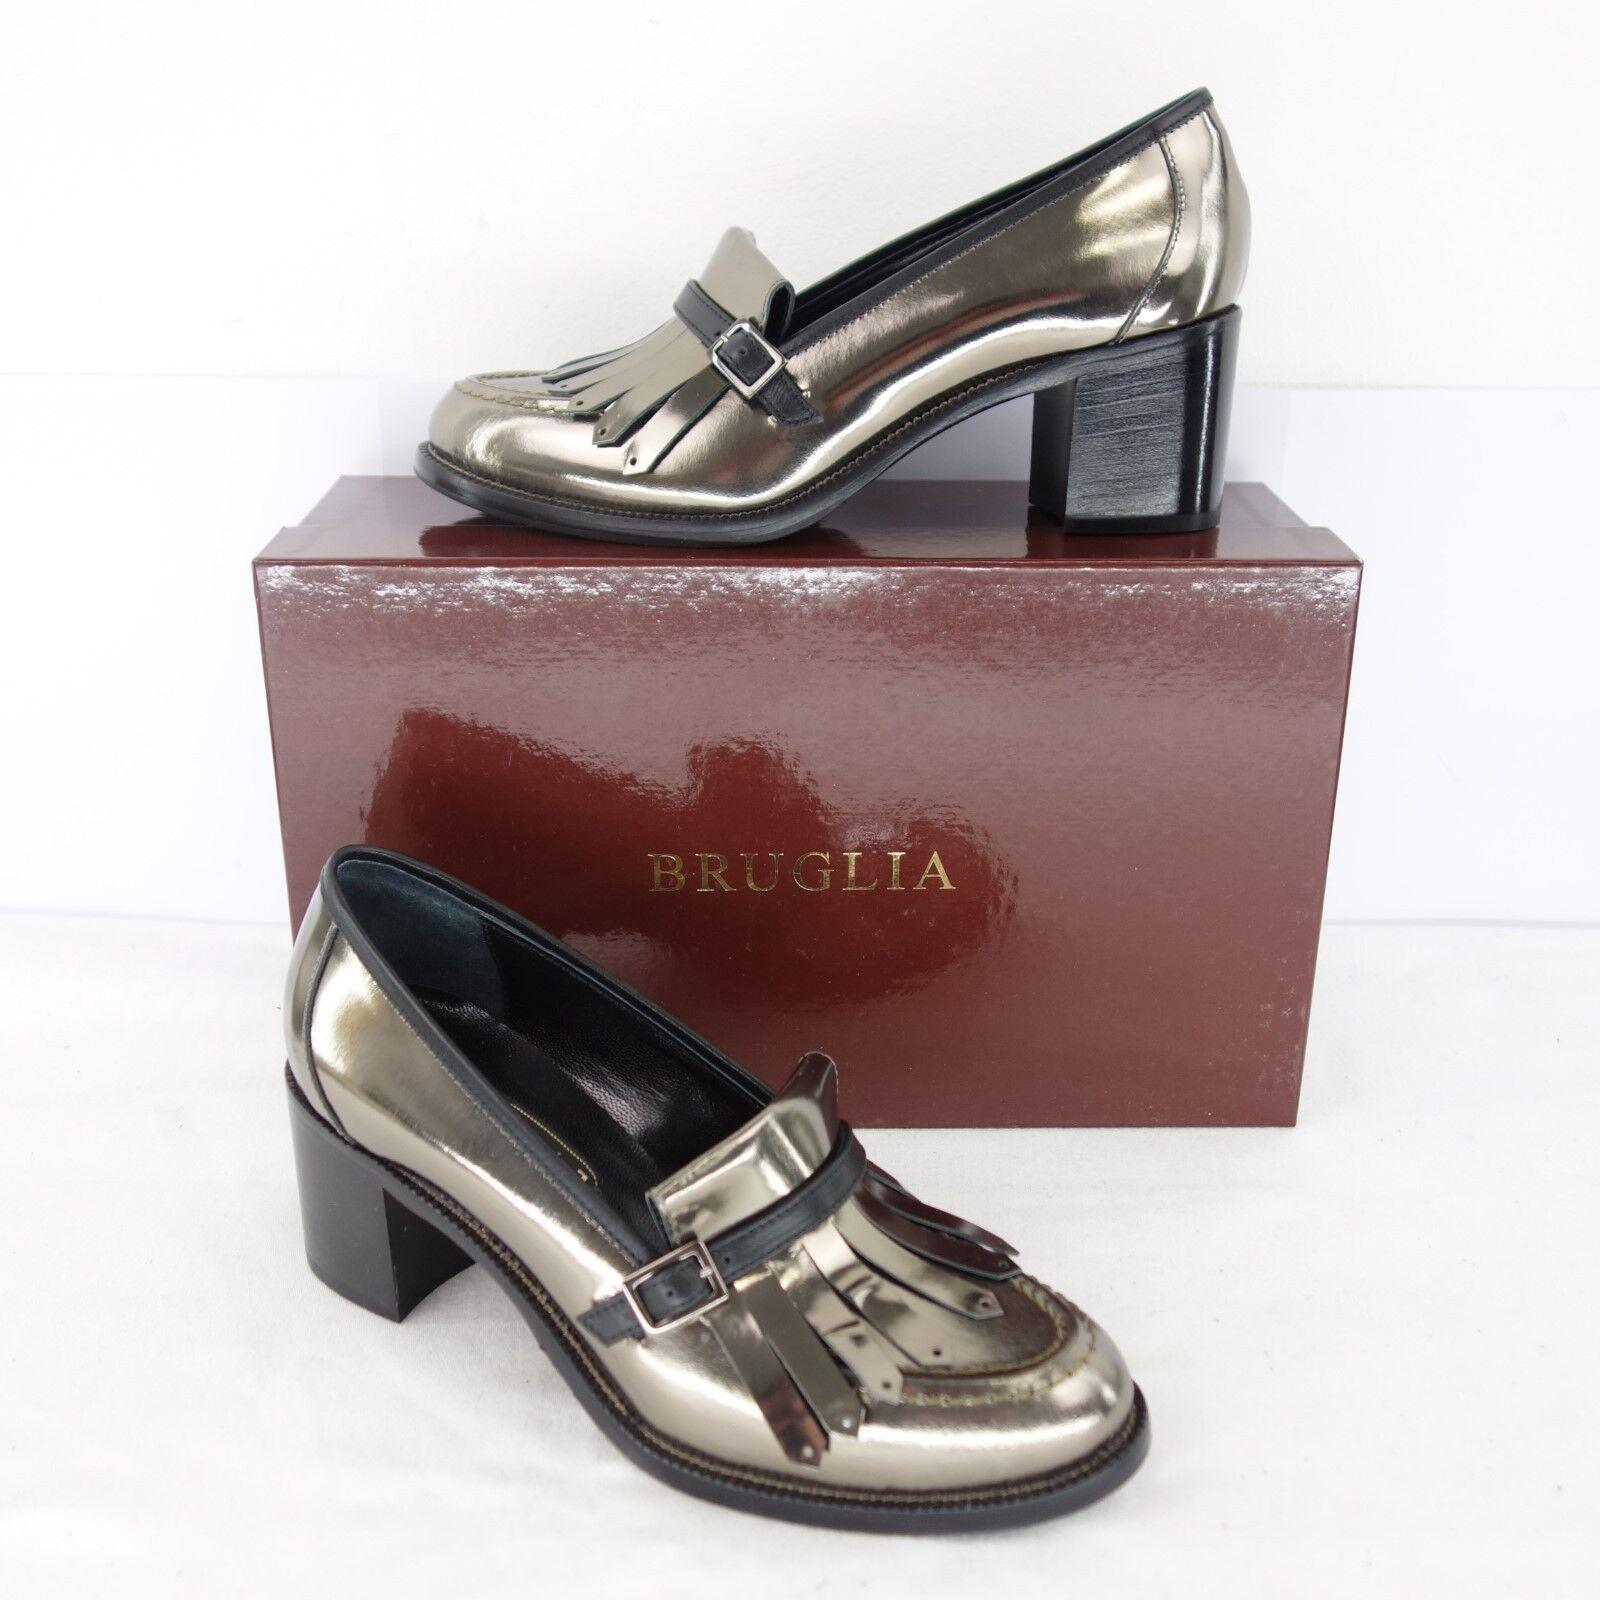 Bruglia Loafer Décolleté 6170 argentoo Metallizzato Stivali Donna pelle Gr Gr Gr 37 Np | Beautiful  | Conveniente  | Lascia che i nostri prodotti vadano nel mondo  987e51